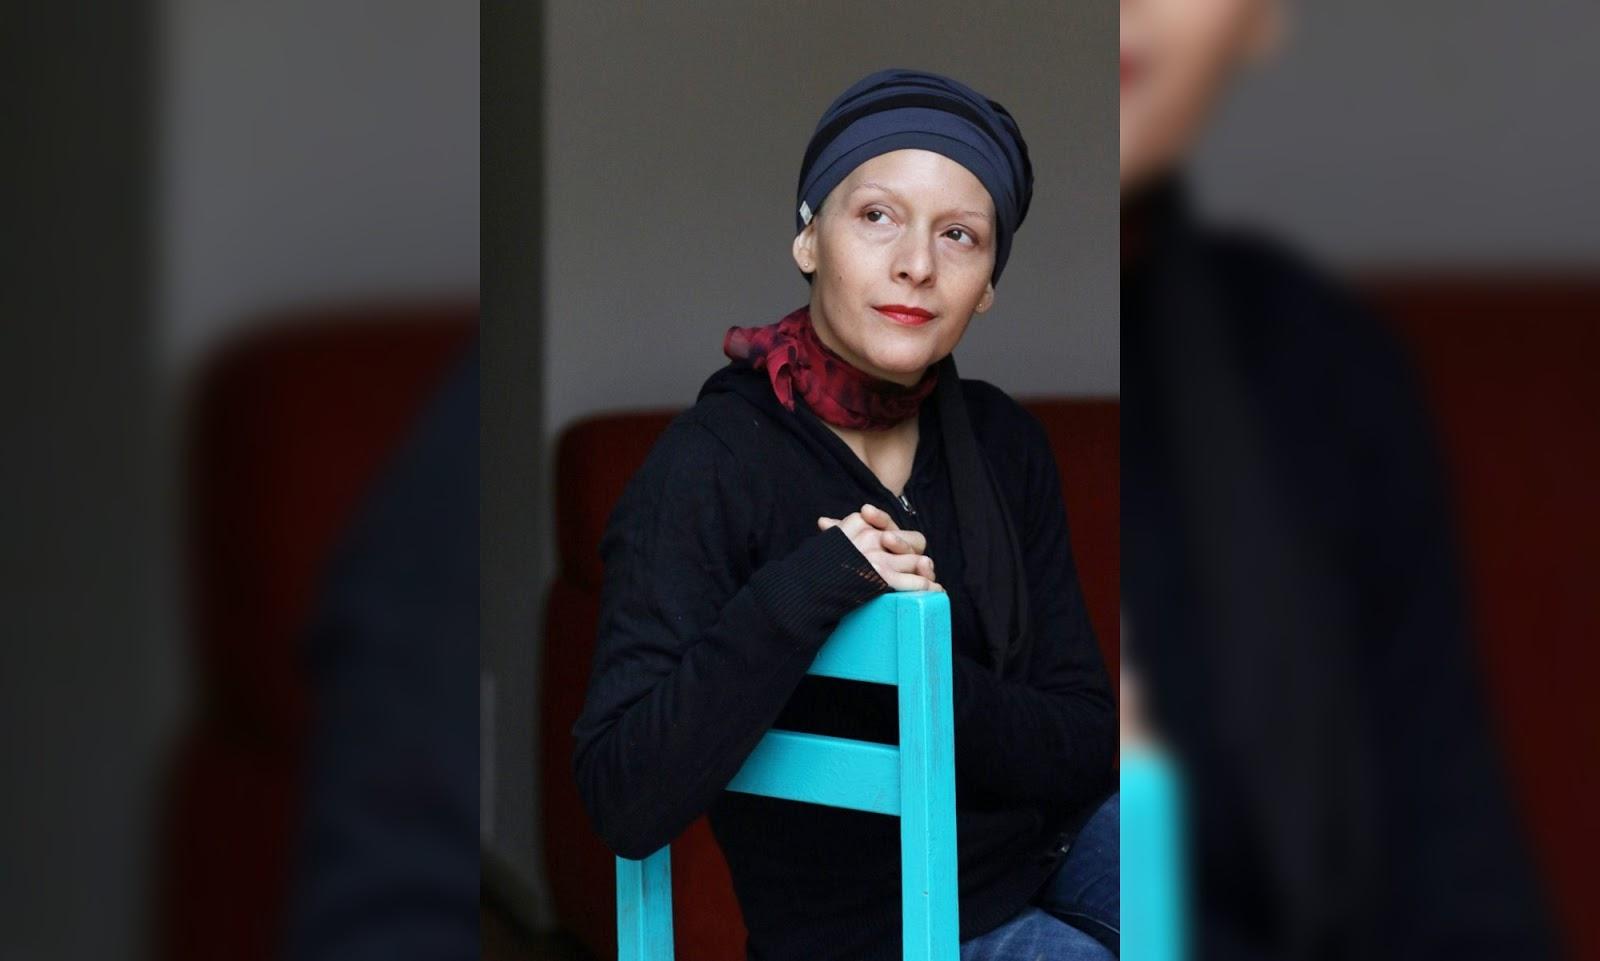 La historia de la guionista con cáncer que escribió una teleserie